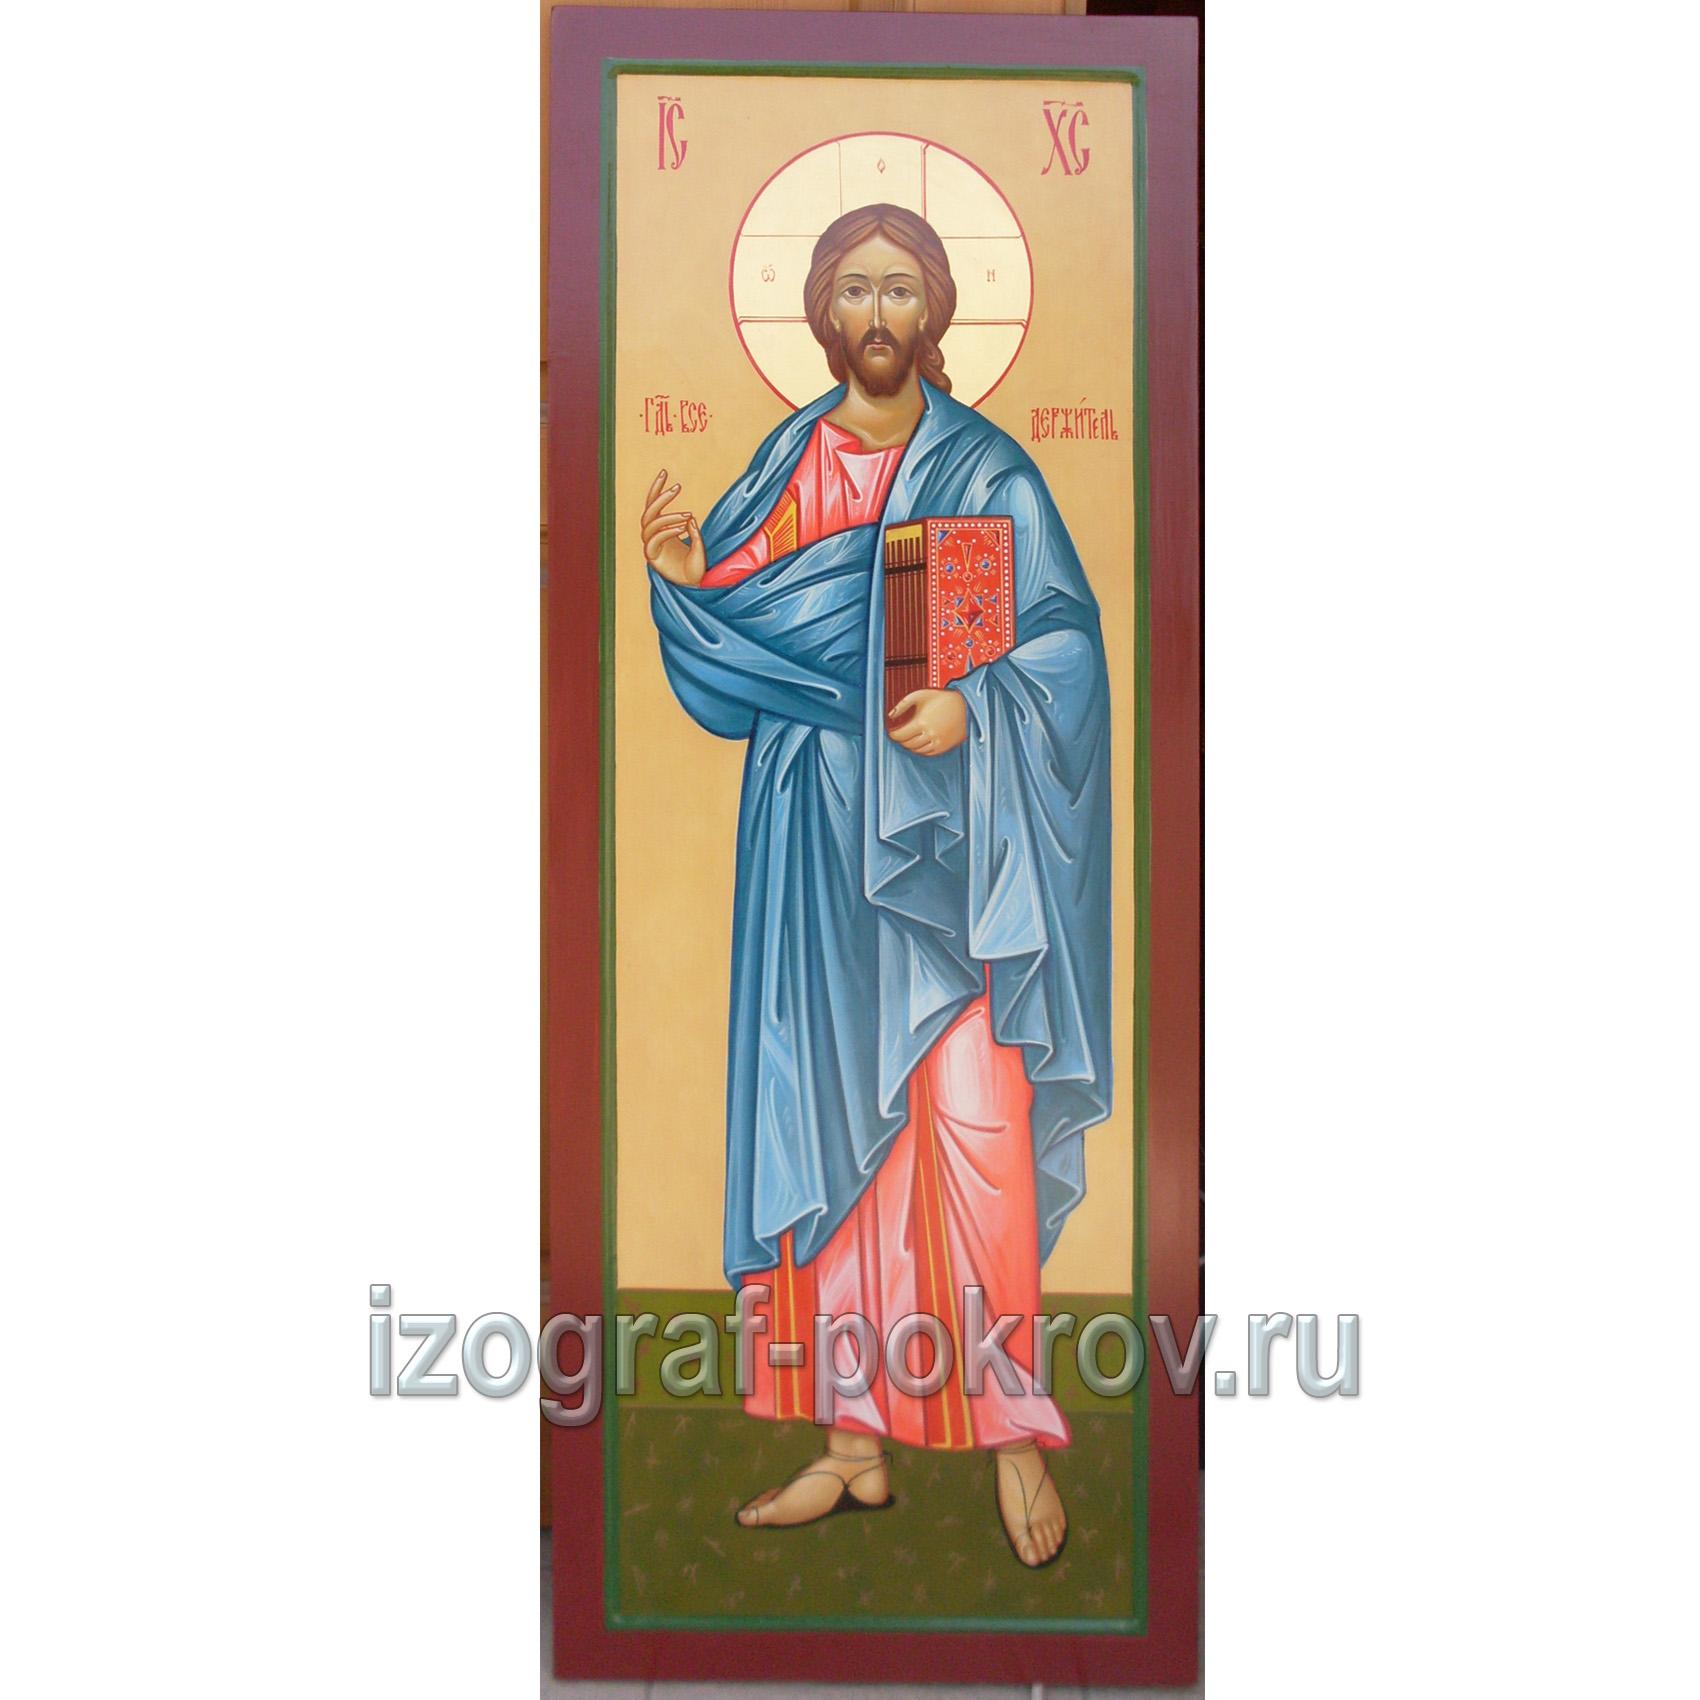 Икона в иконостас Господь Вседержитель